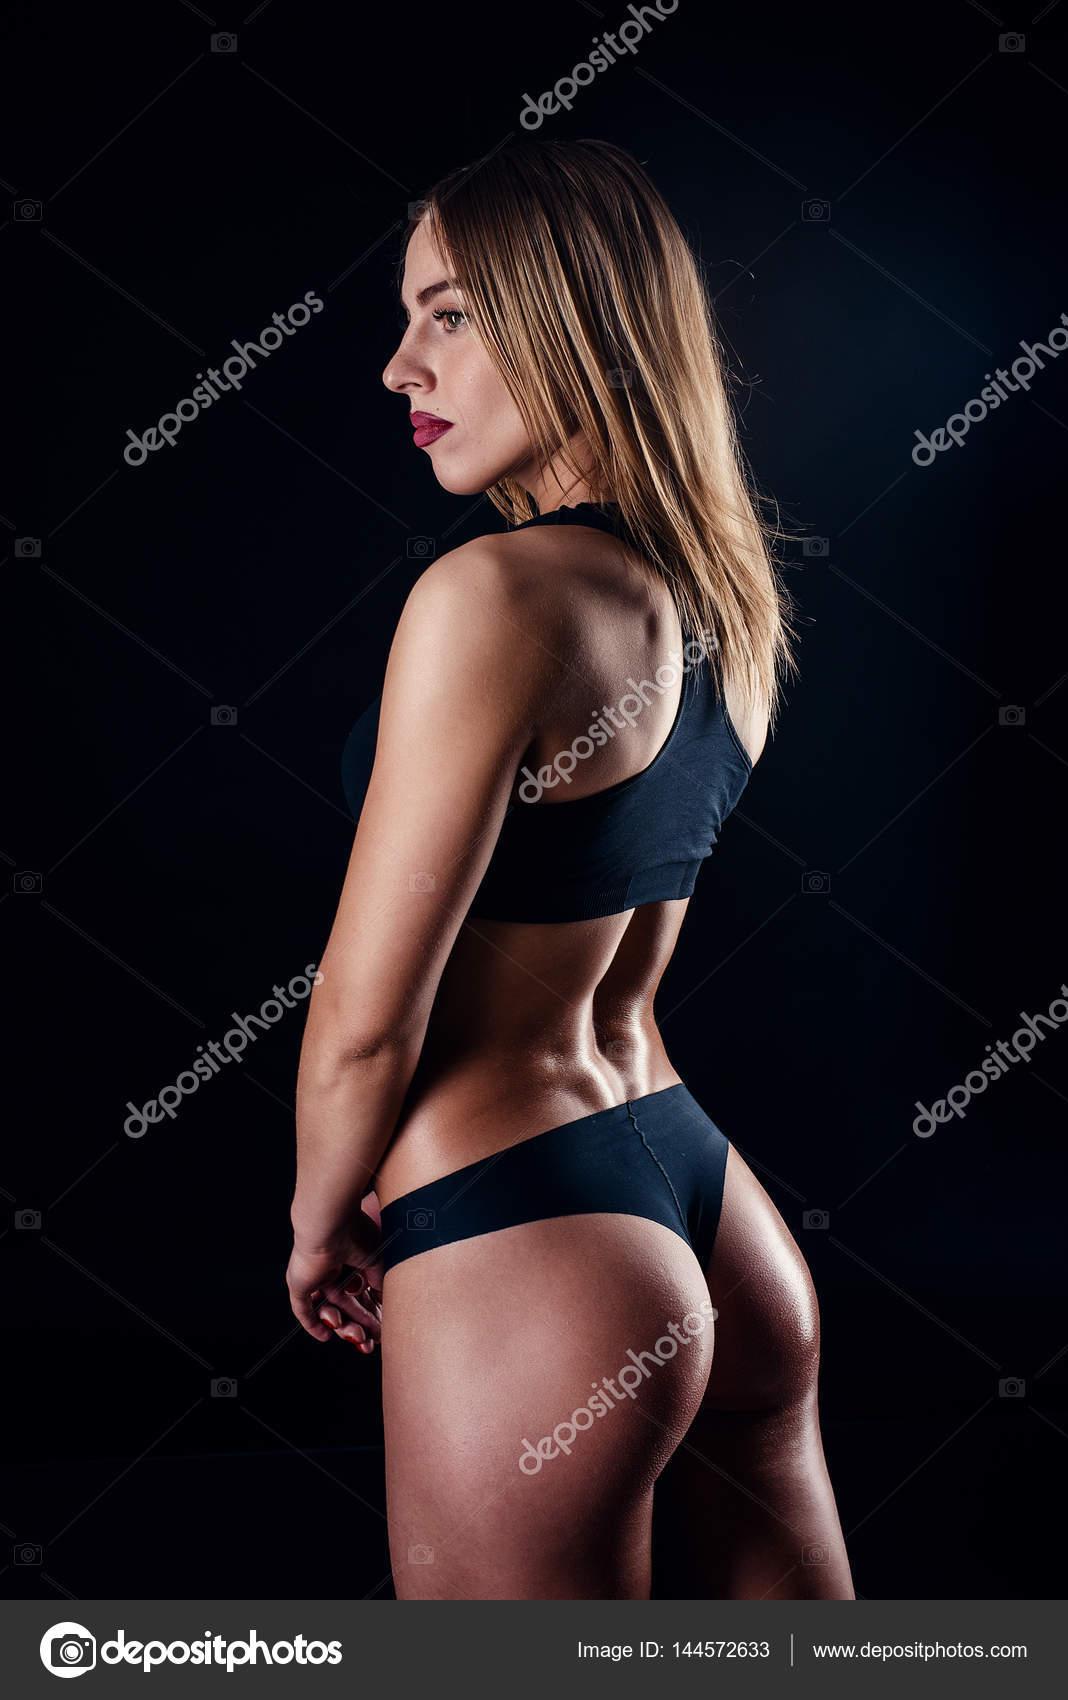 женское тело американки видео загорелое